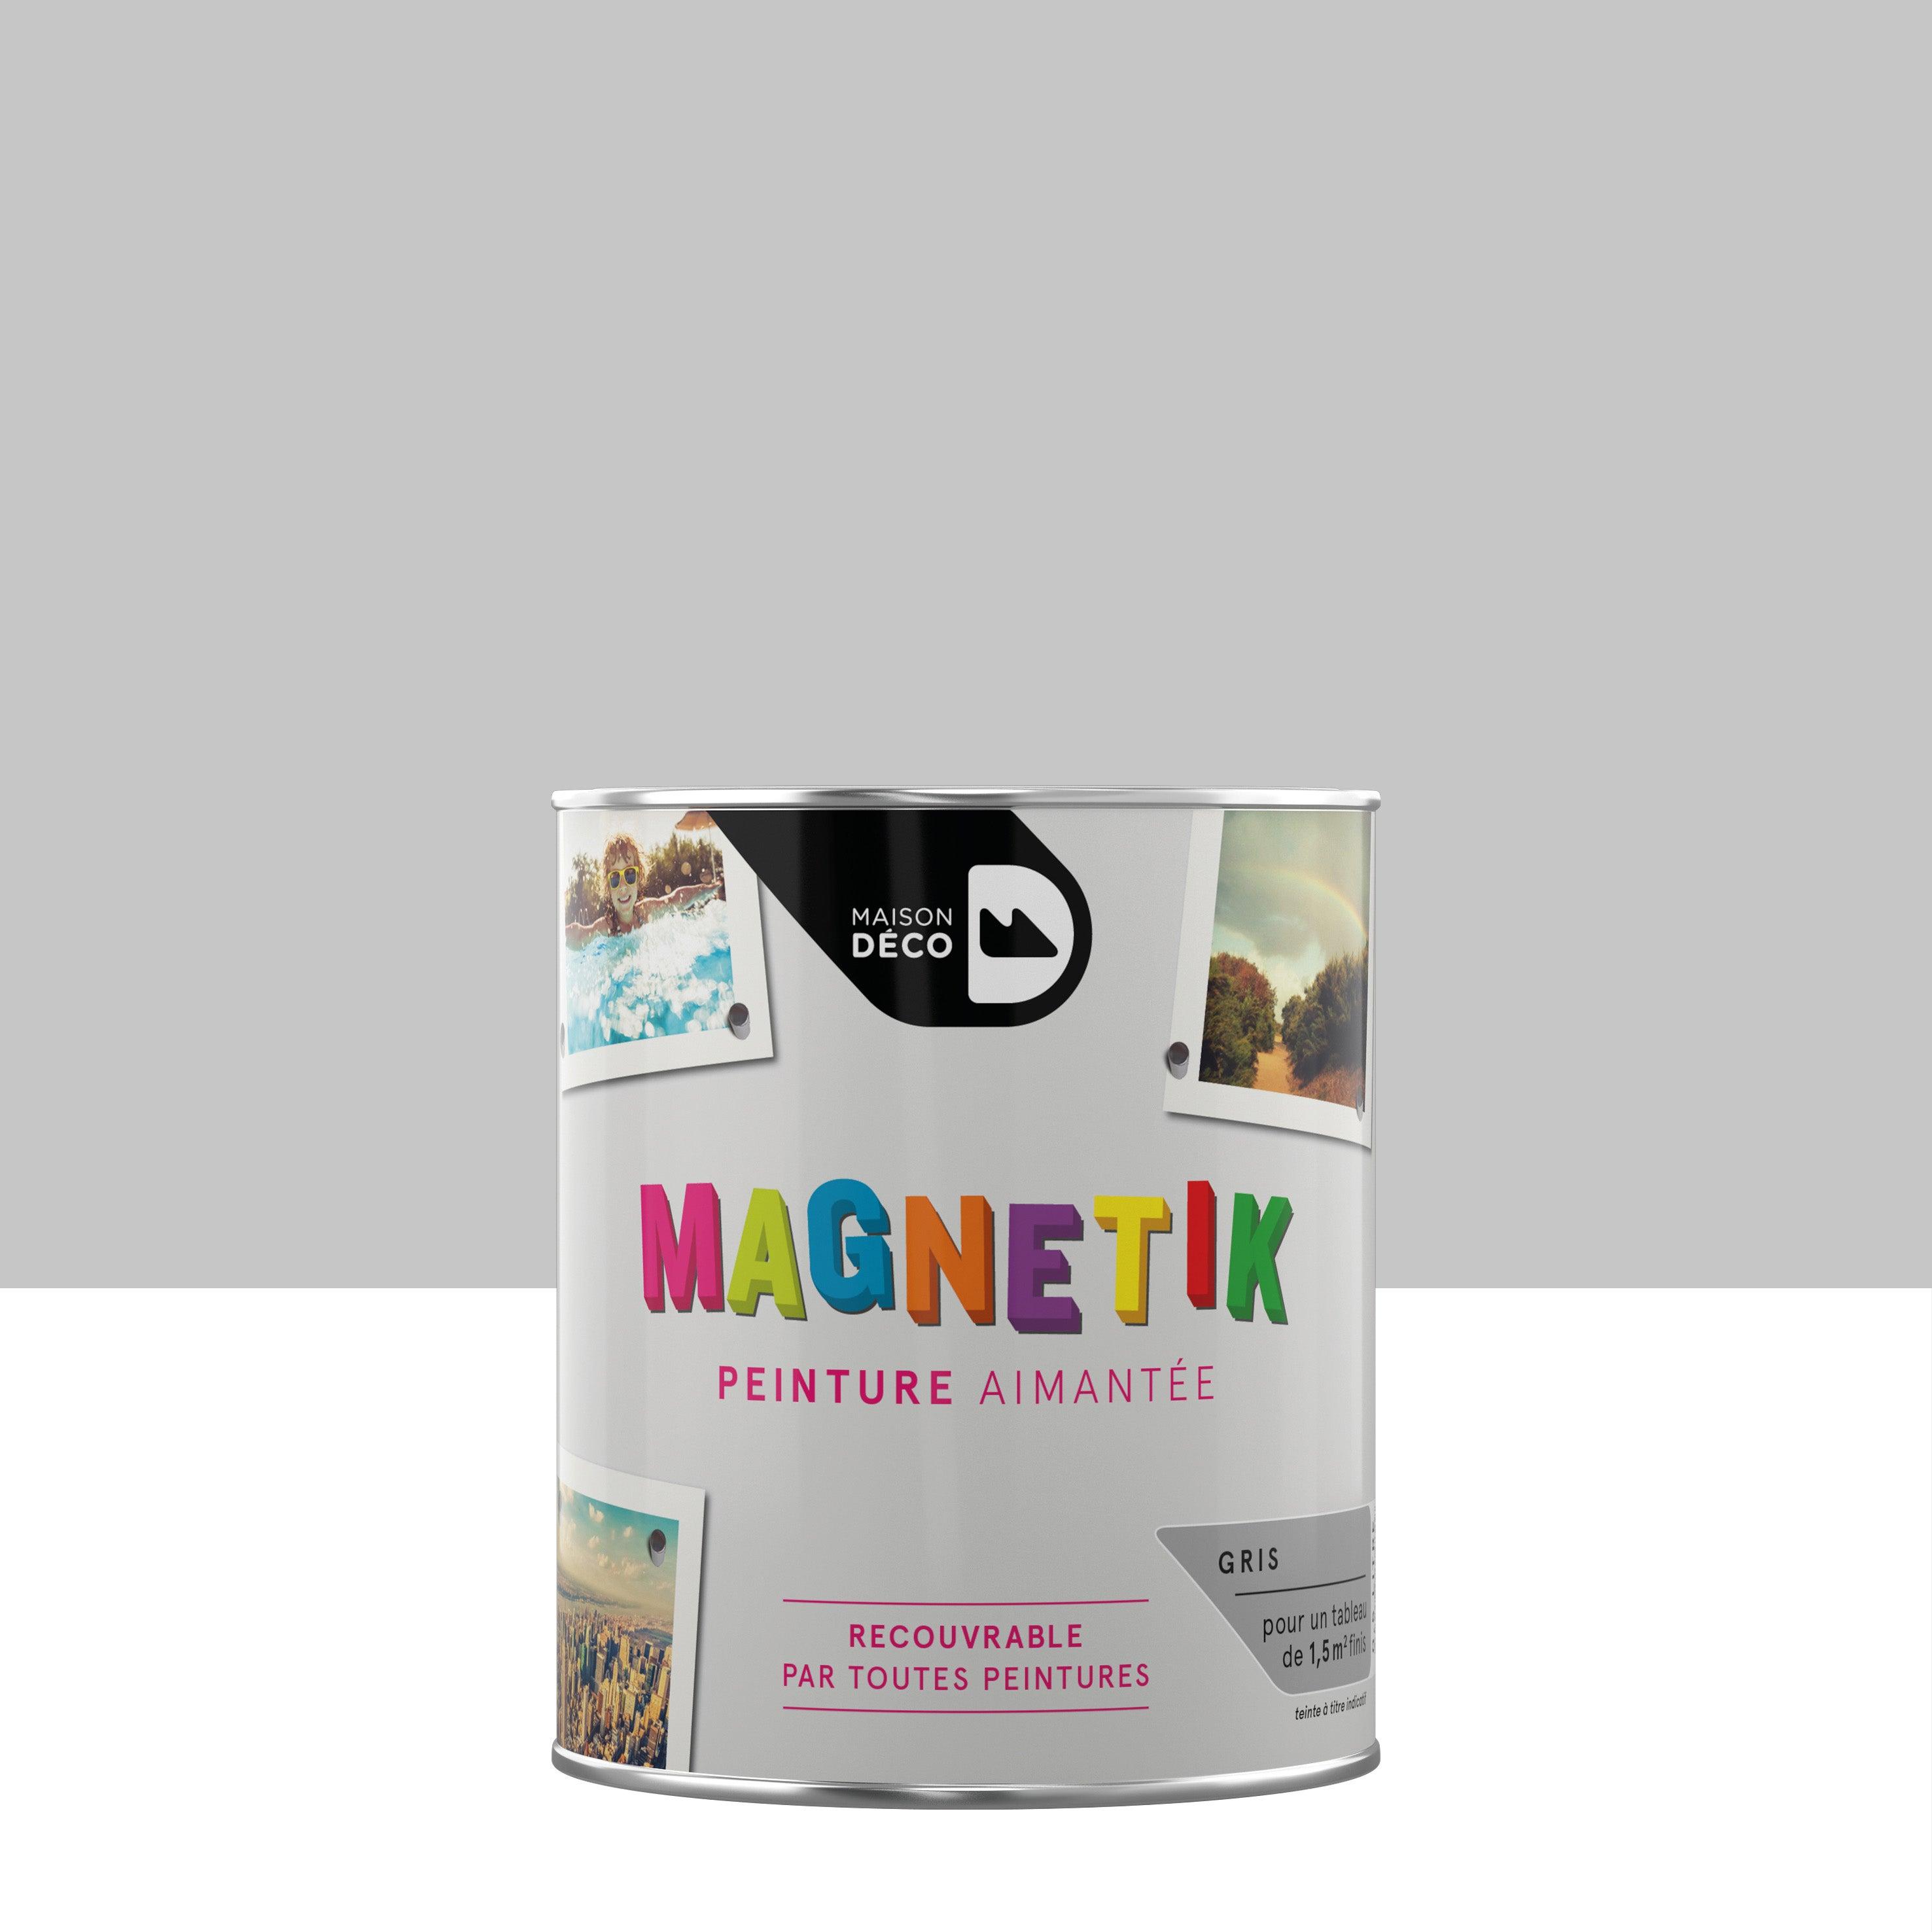 Peinture Magnetique Gris Satin Maison Deco Magnetik C Est Genial 0 5 L Leroy Merlin